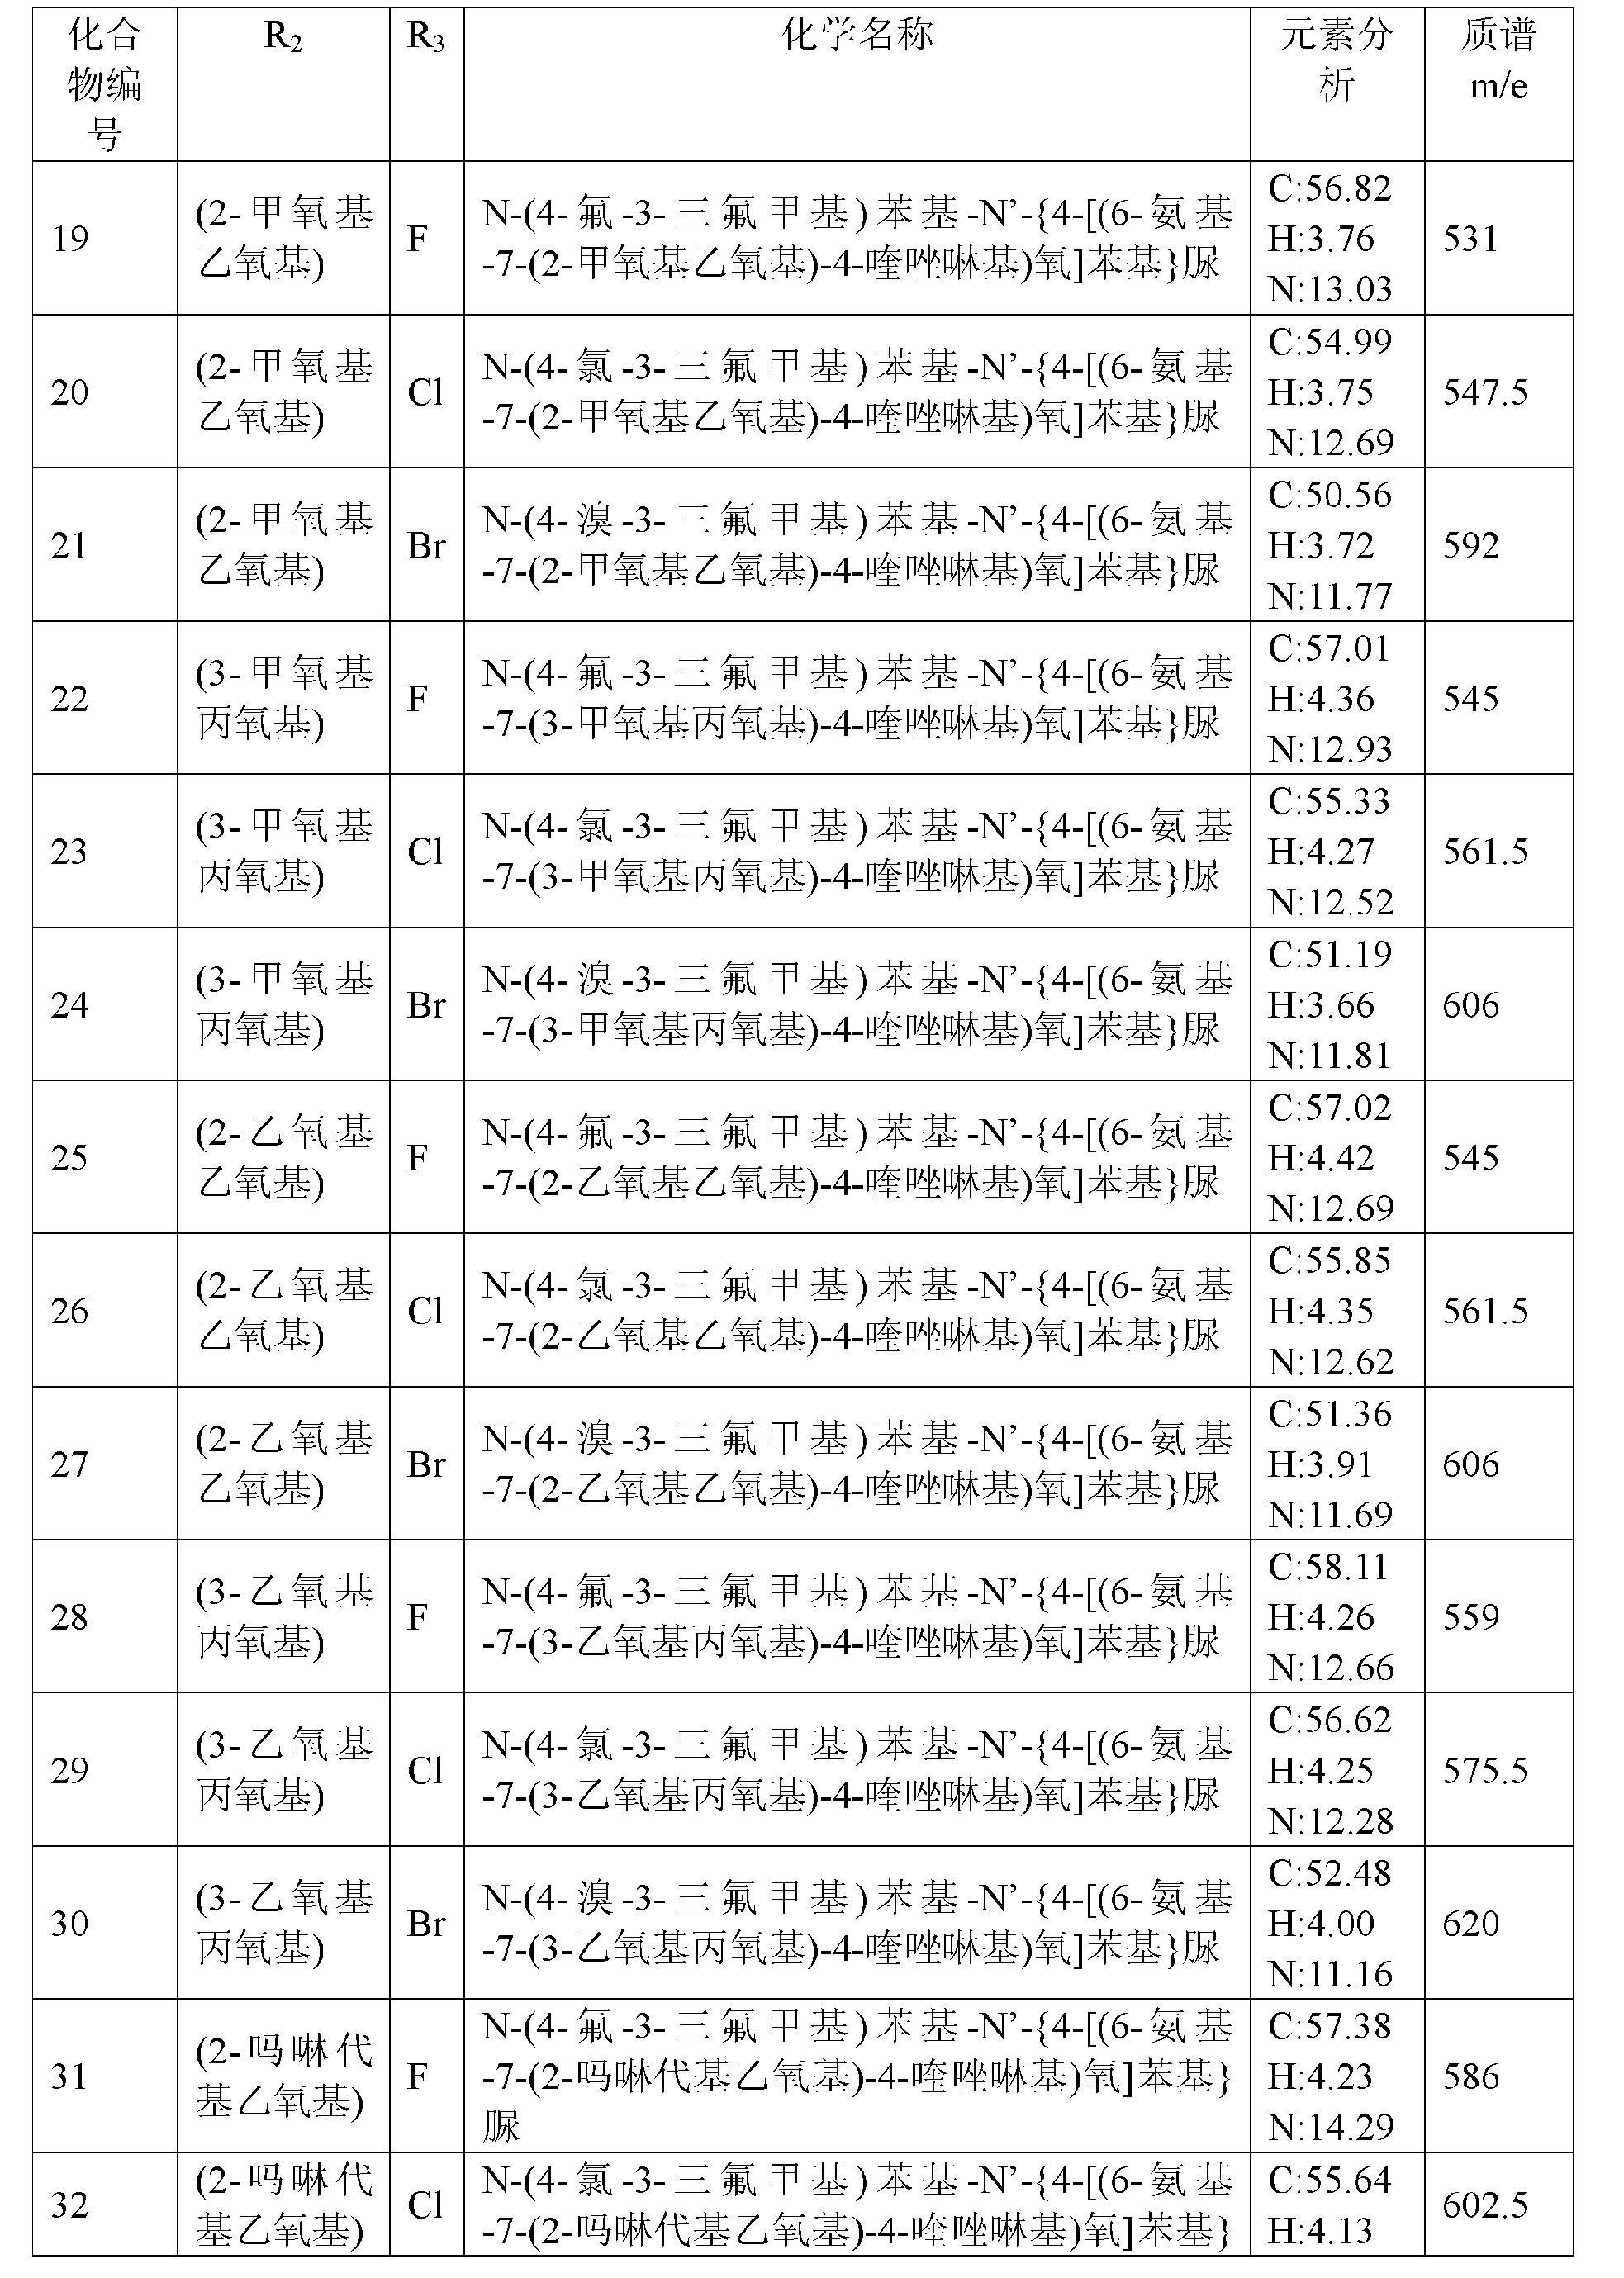 CN102311395B - Quinazoline ring substituted diphenylurea